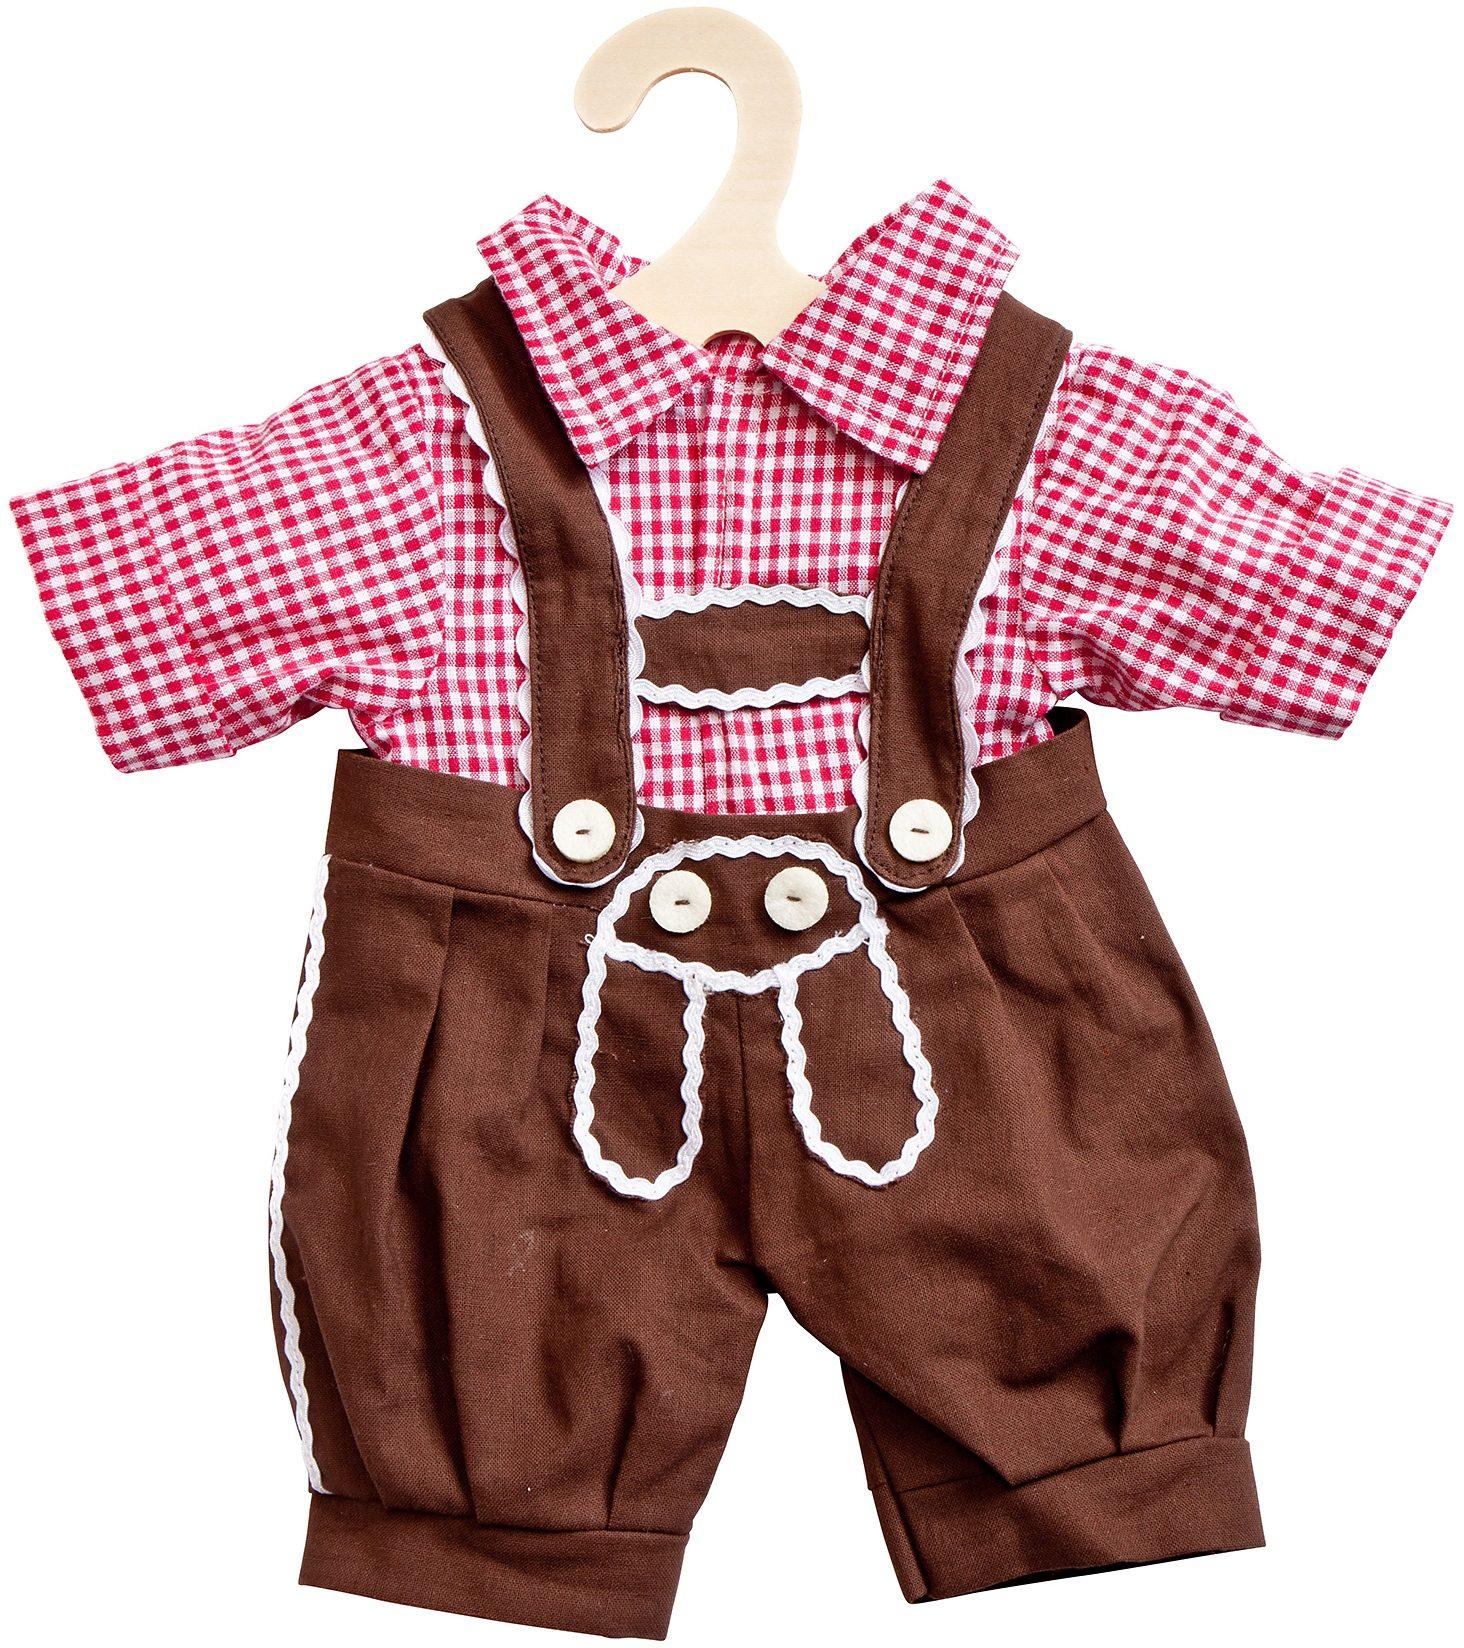 Heless® Puppenkleidung Größe 28-33 cm, »Kniebundhose mit Hemd« (2tlg.)